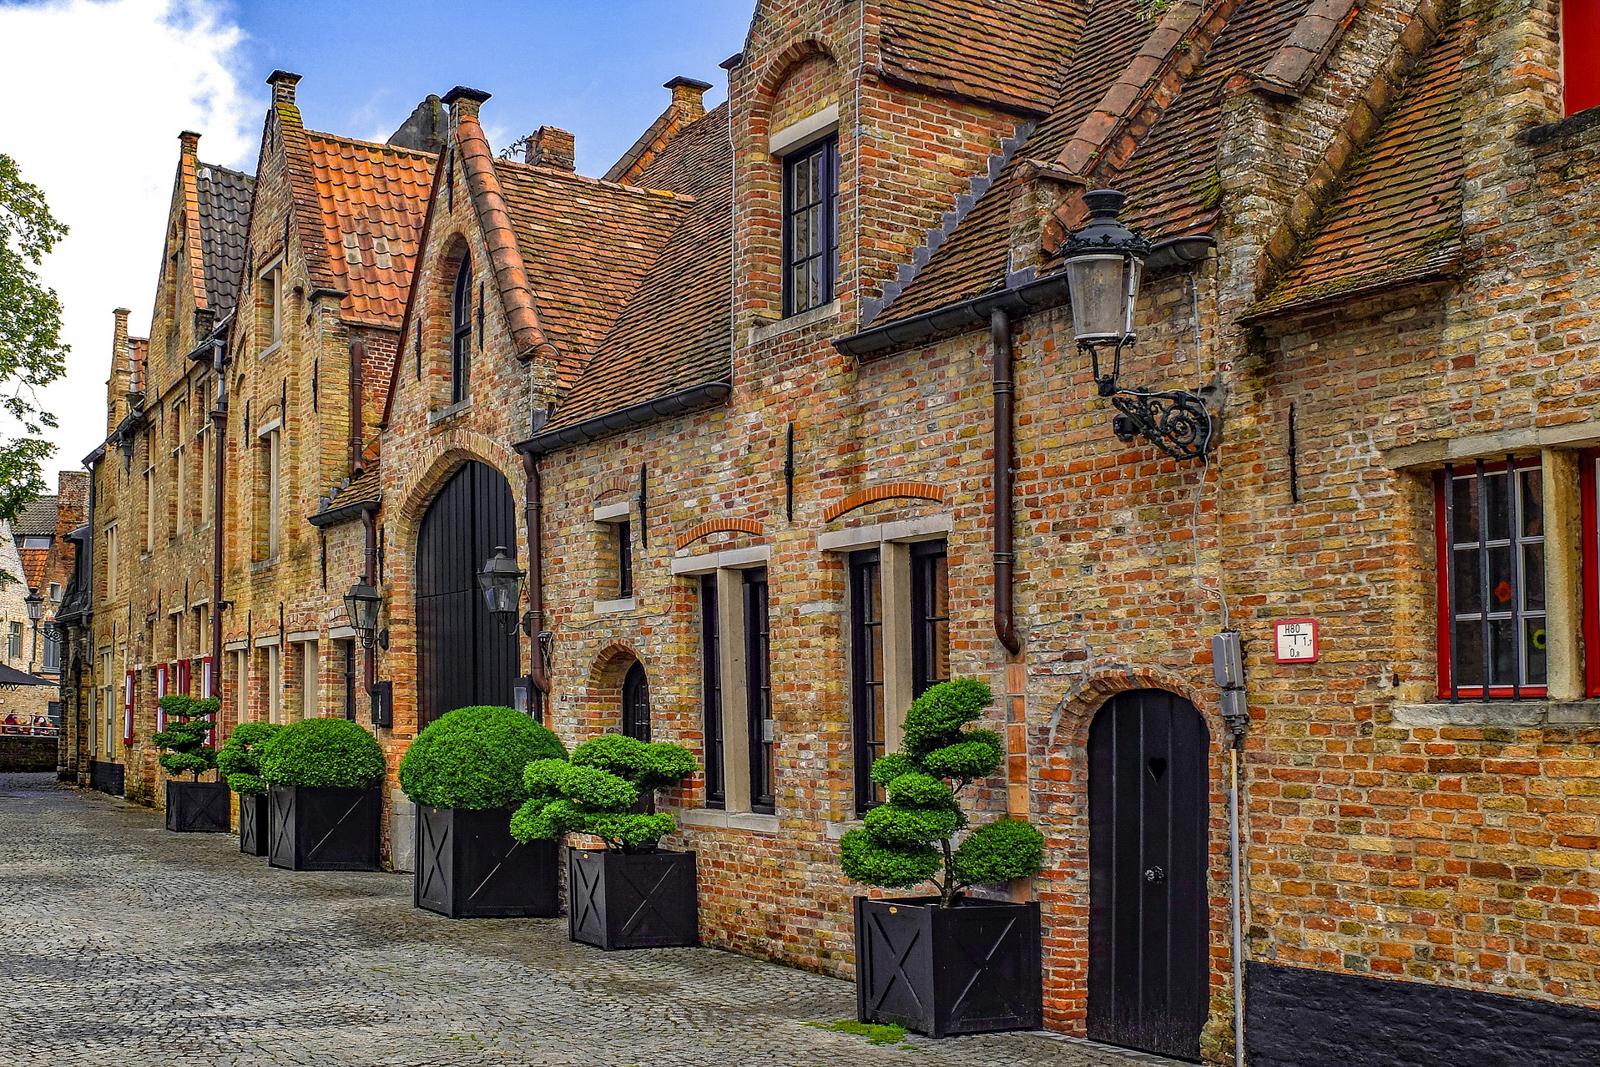 Historic Center of Brugge Hotels in Brugge hotels in brugge